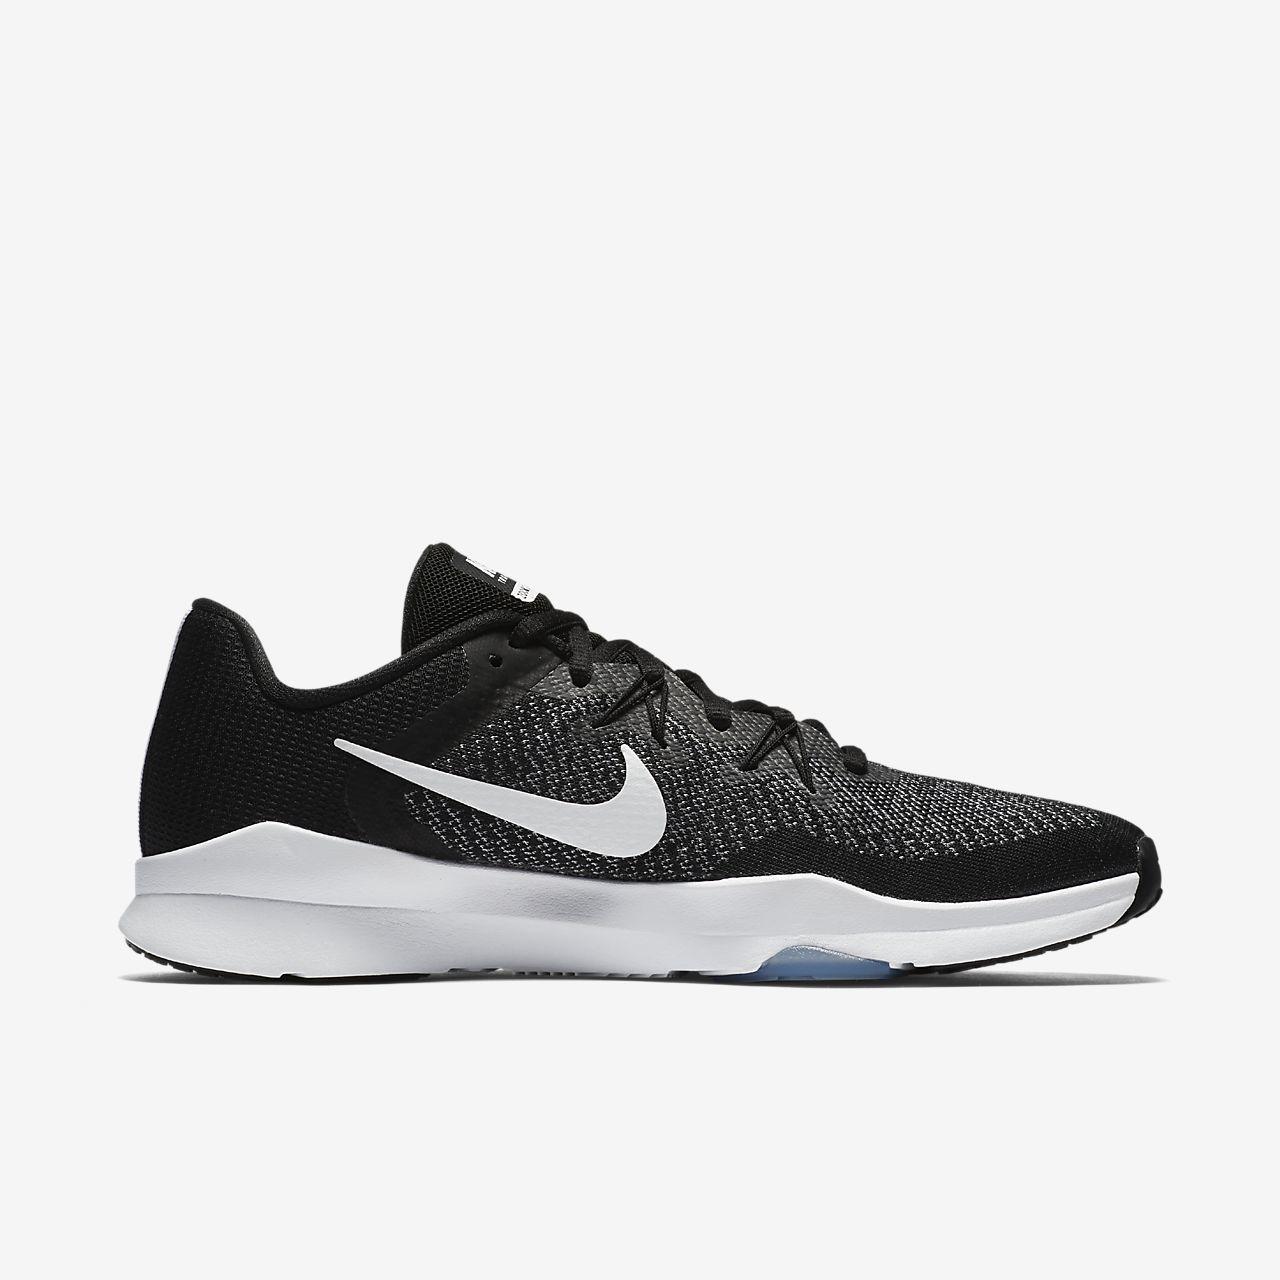 Nike - Zoom Chaussures De Fitness Air Conditionné - Femmes - Chaussures - Noir - 41 7bC9m